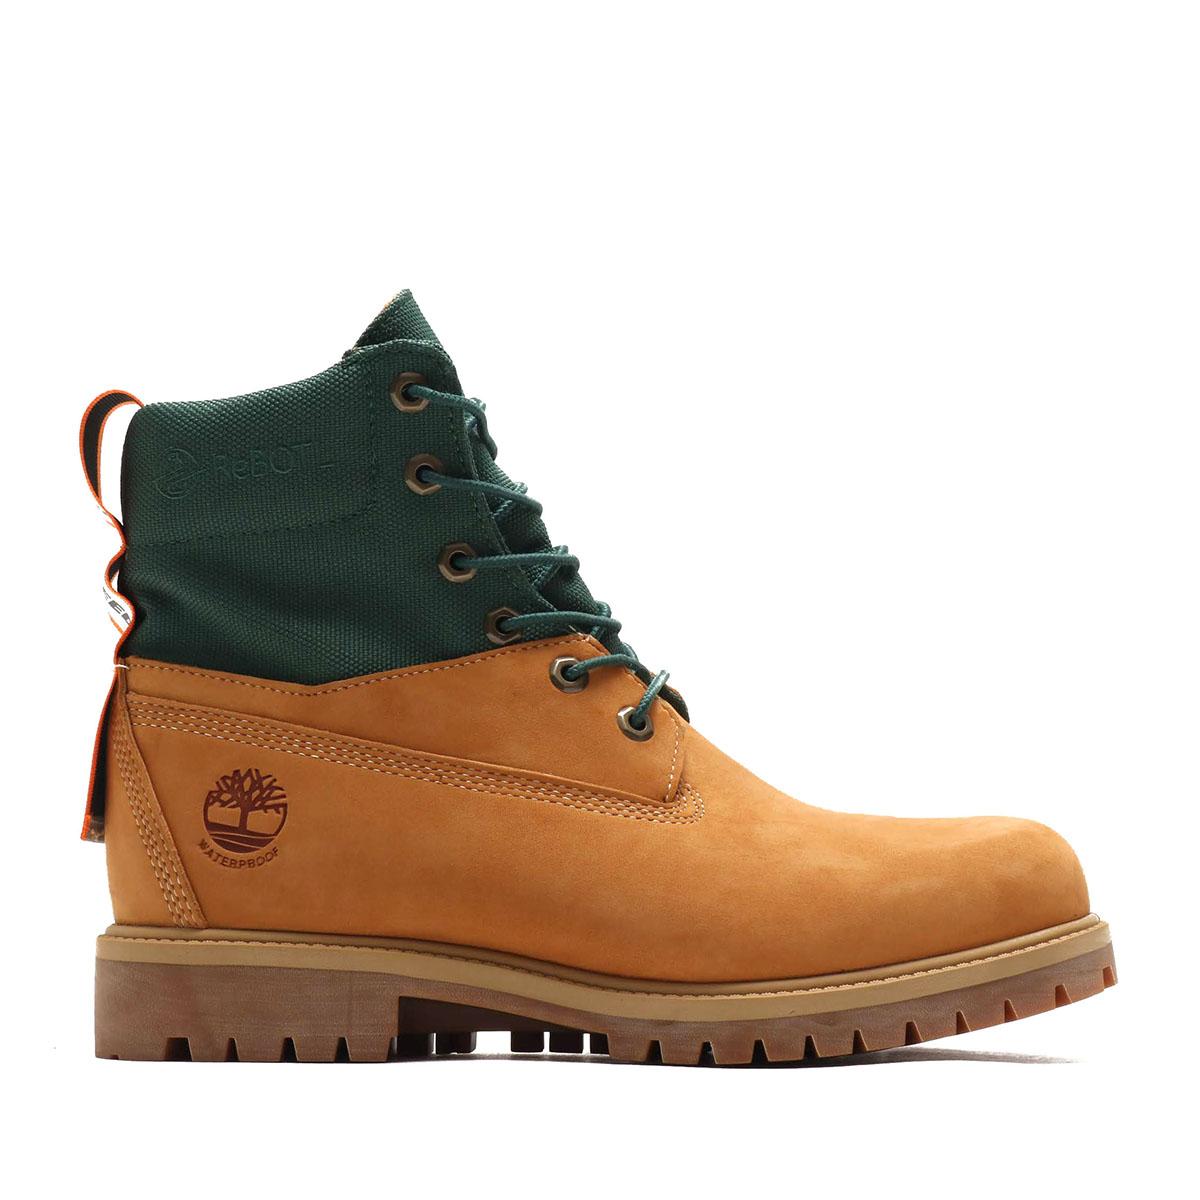 Timberland 6in TREADLIGHT WP Boots(Wheat)(ティバンーランド 6インチ トレッドライト ウォータープルーフ ブーツ)【メンズ】【ブーツ】【20SS-S】